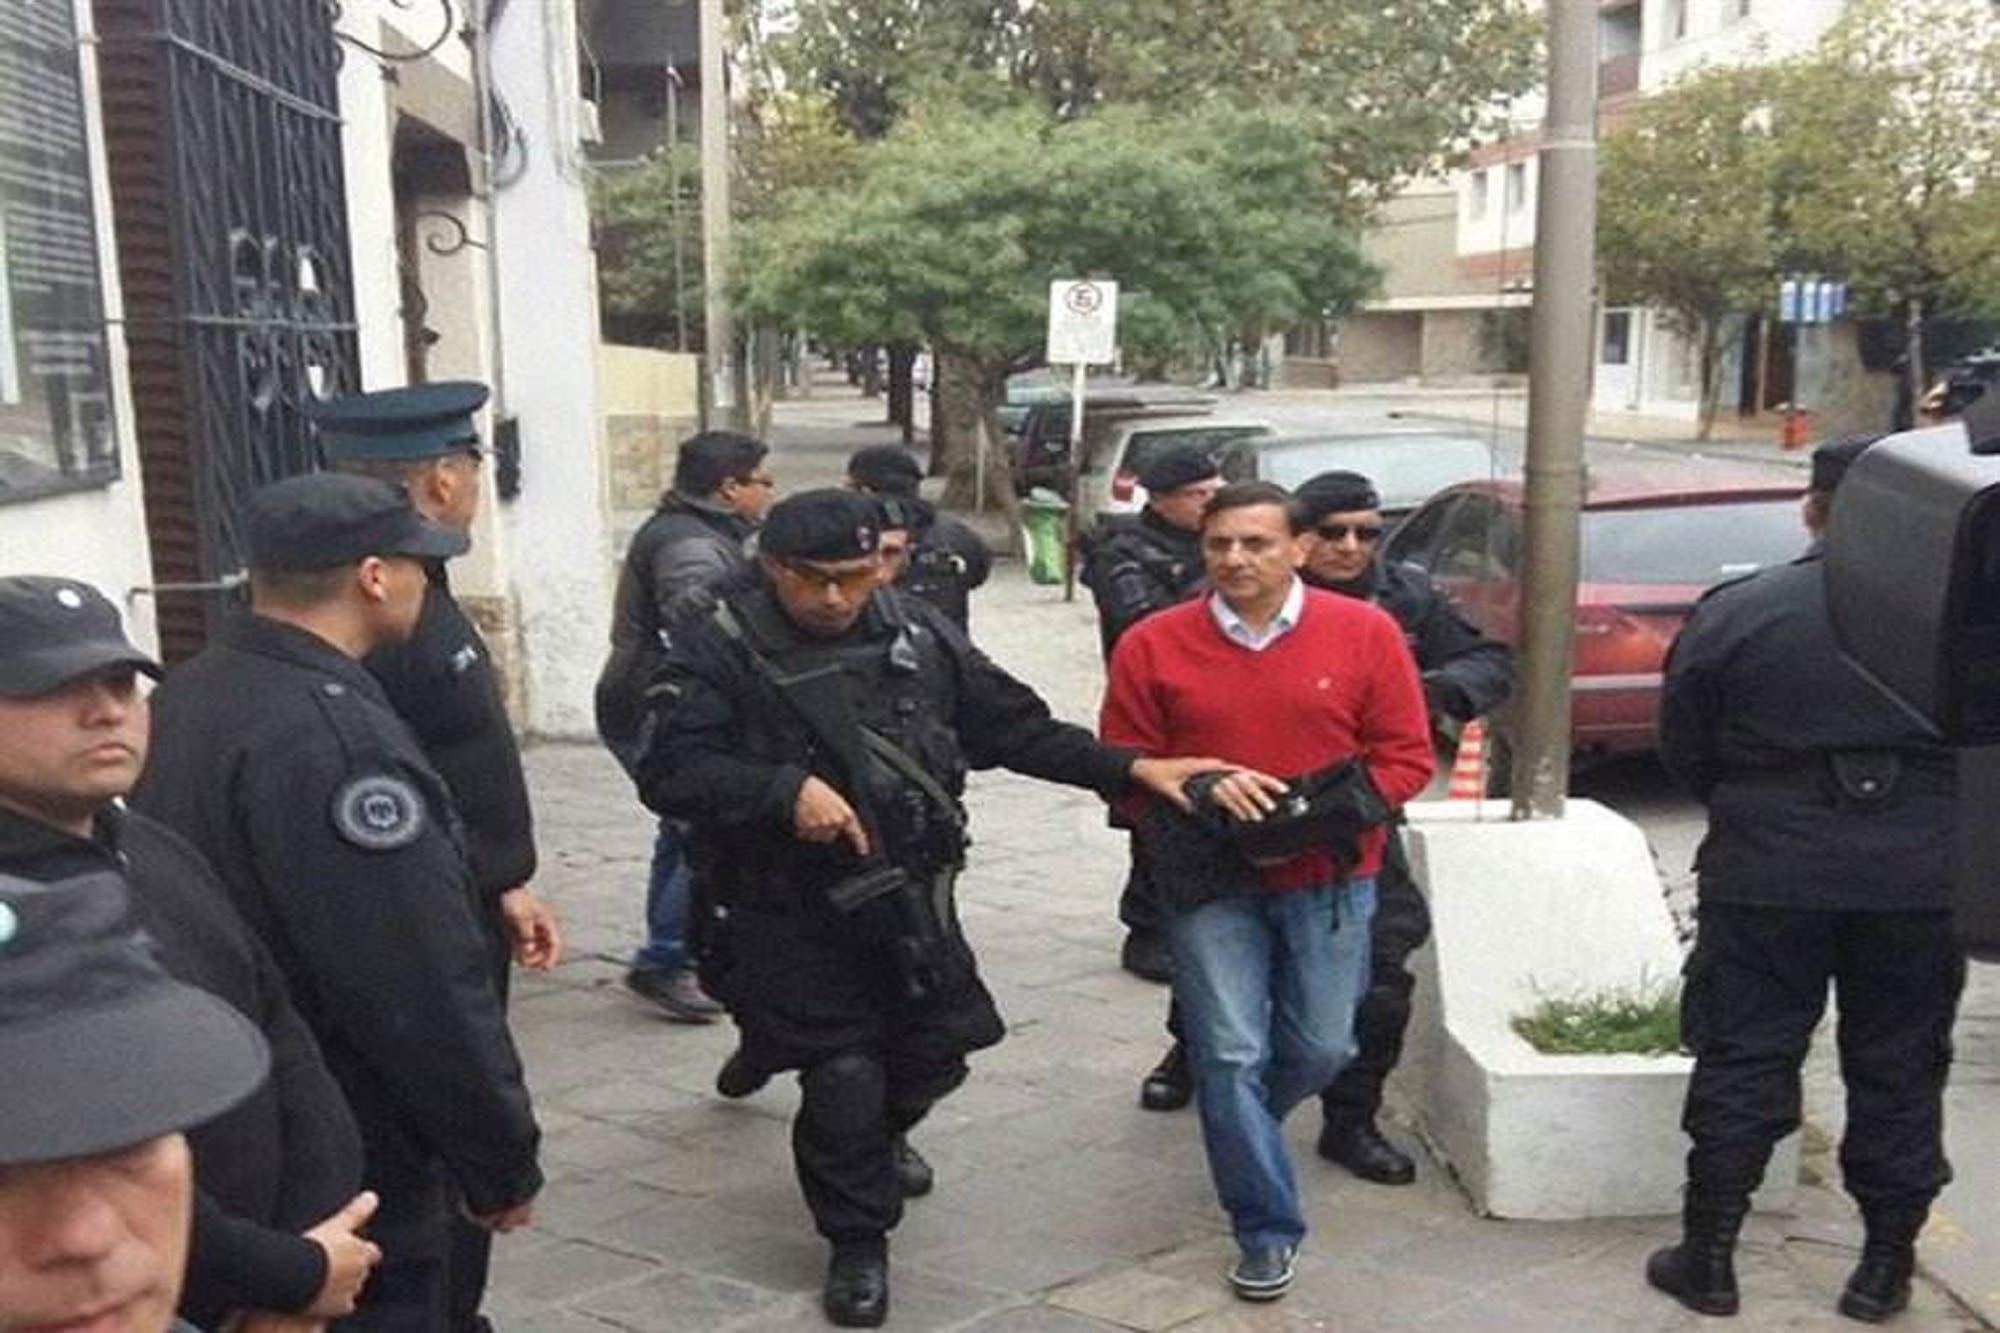 Frontera caliente: pidieron 25 años de prisión para el exjuex Reynoso